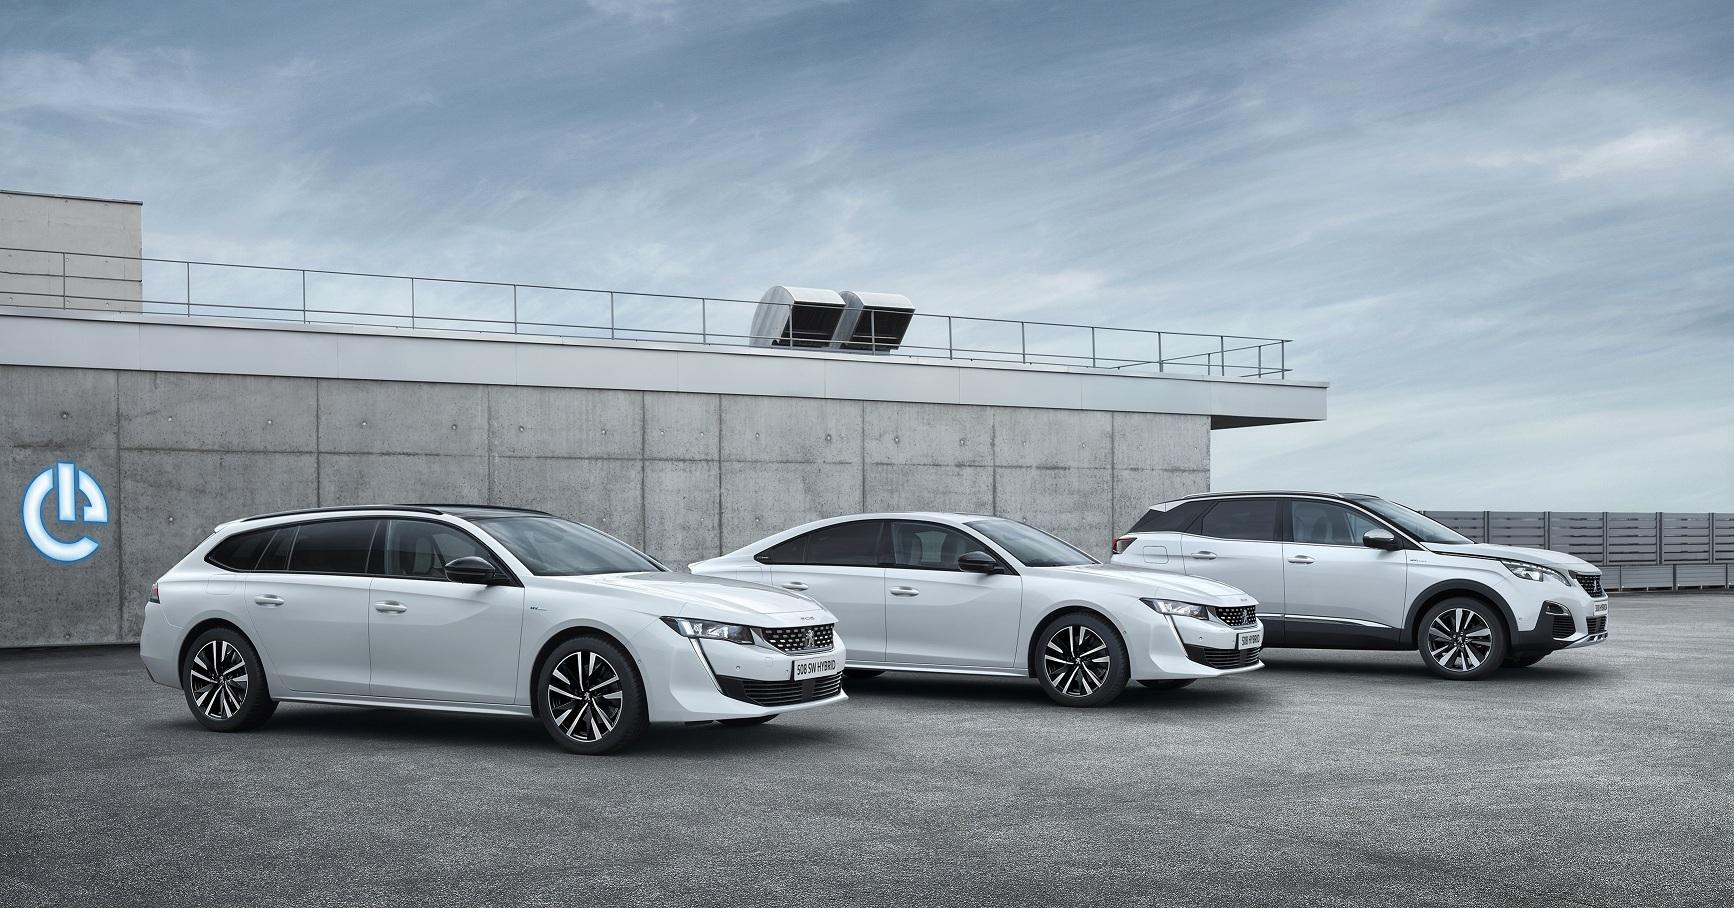 Nova gama Peugeot PHEV